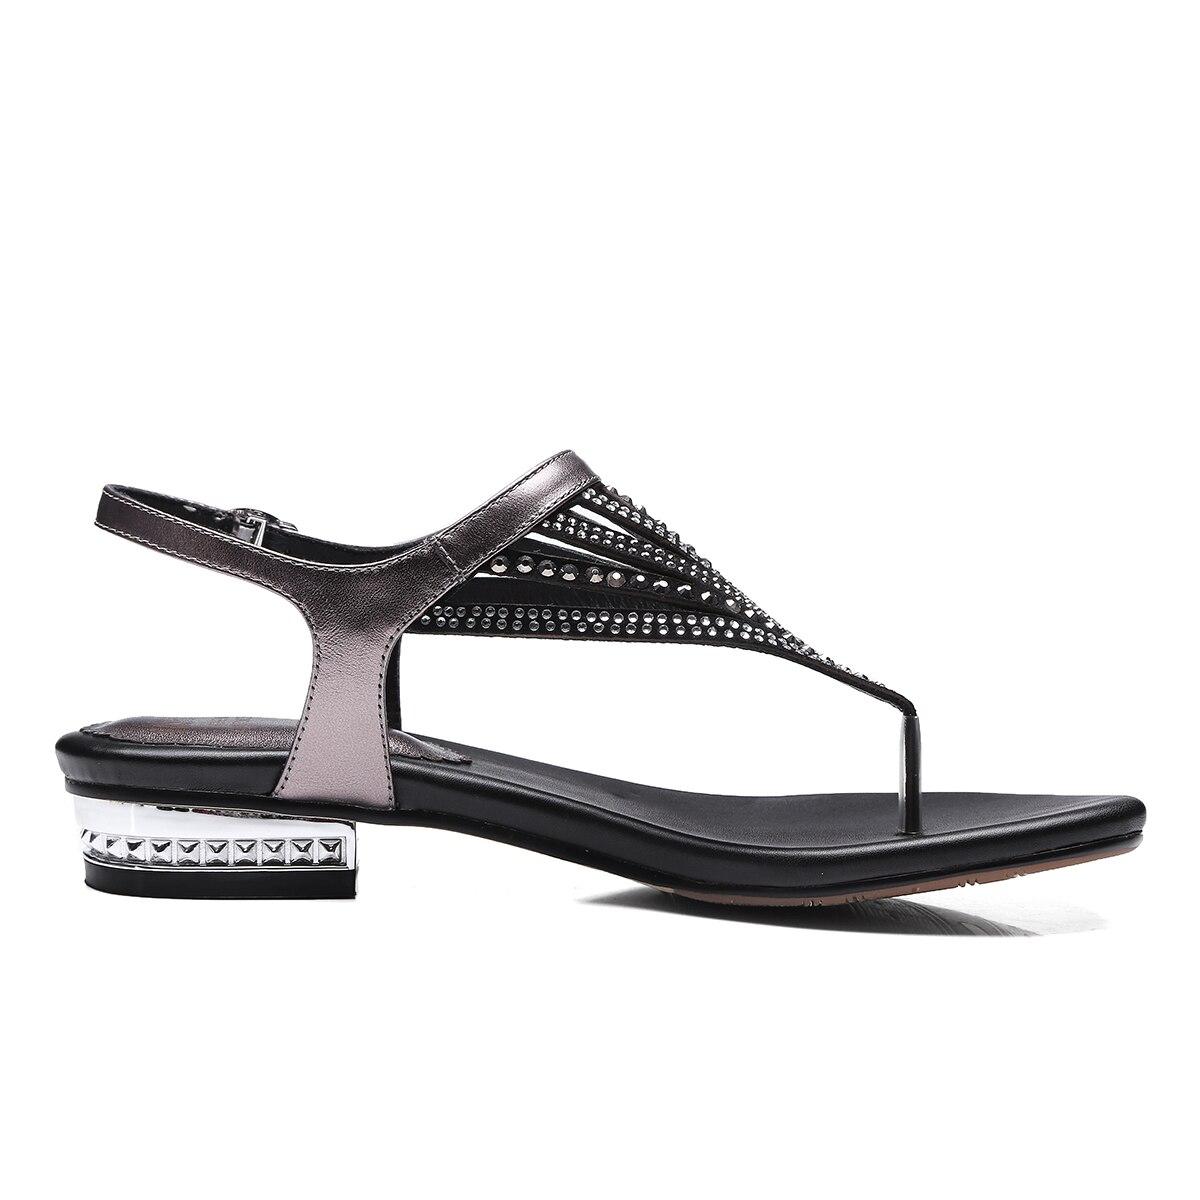 Rond Bout Cuir Style Dames Femmes Plates Chaussures Nemaone Main Nouveau Bohême Véritable En Marque qtTEwHEp